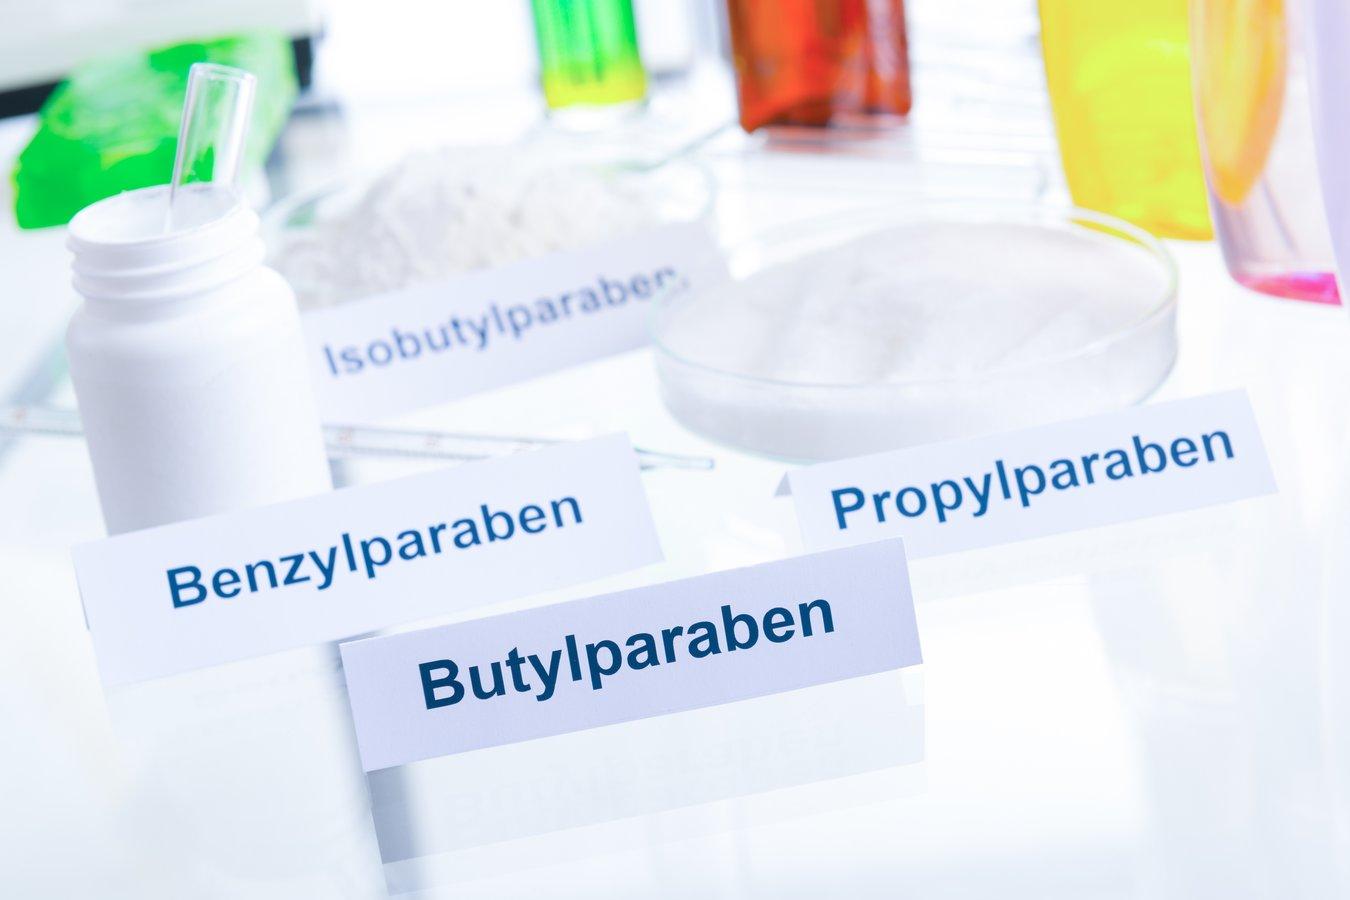 Plastik in Kosmetik wird nicht gekennzeichnet. Die Bezeichnungen müssen erst mühsam entziffert werden.